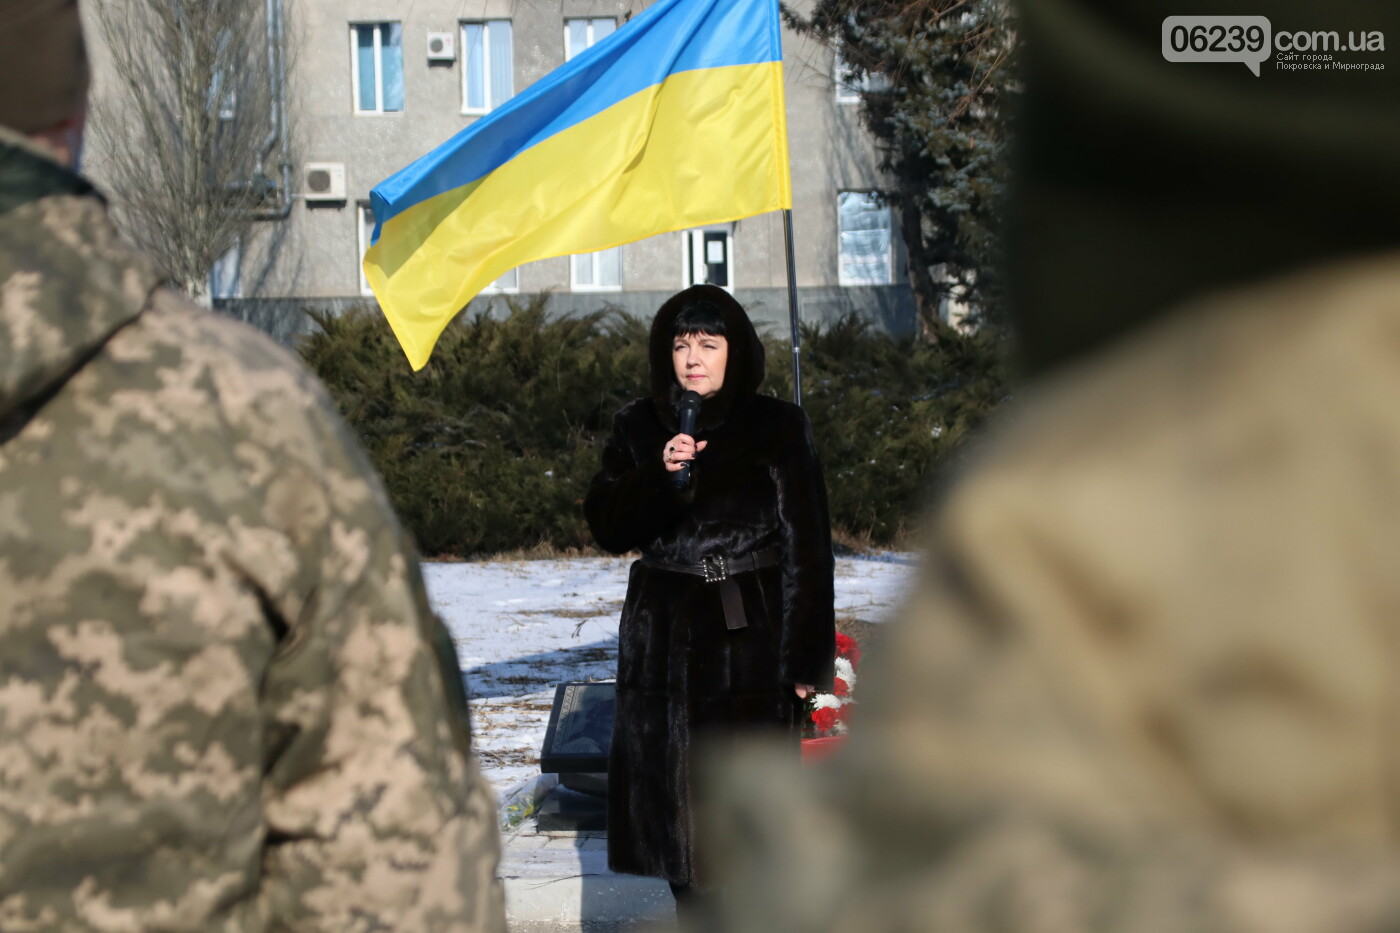 Жители Мирнограда почтили память Героев Небесной Сотни - детальный фотоотчёт , фото-4